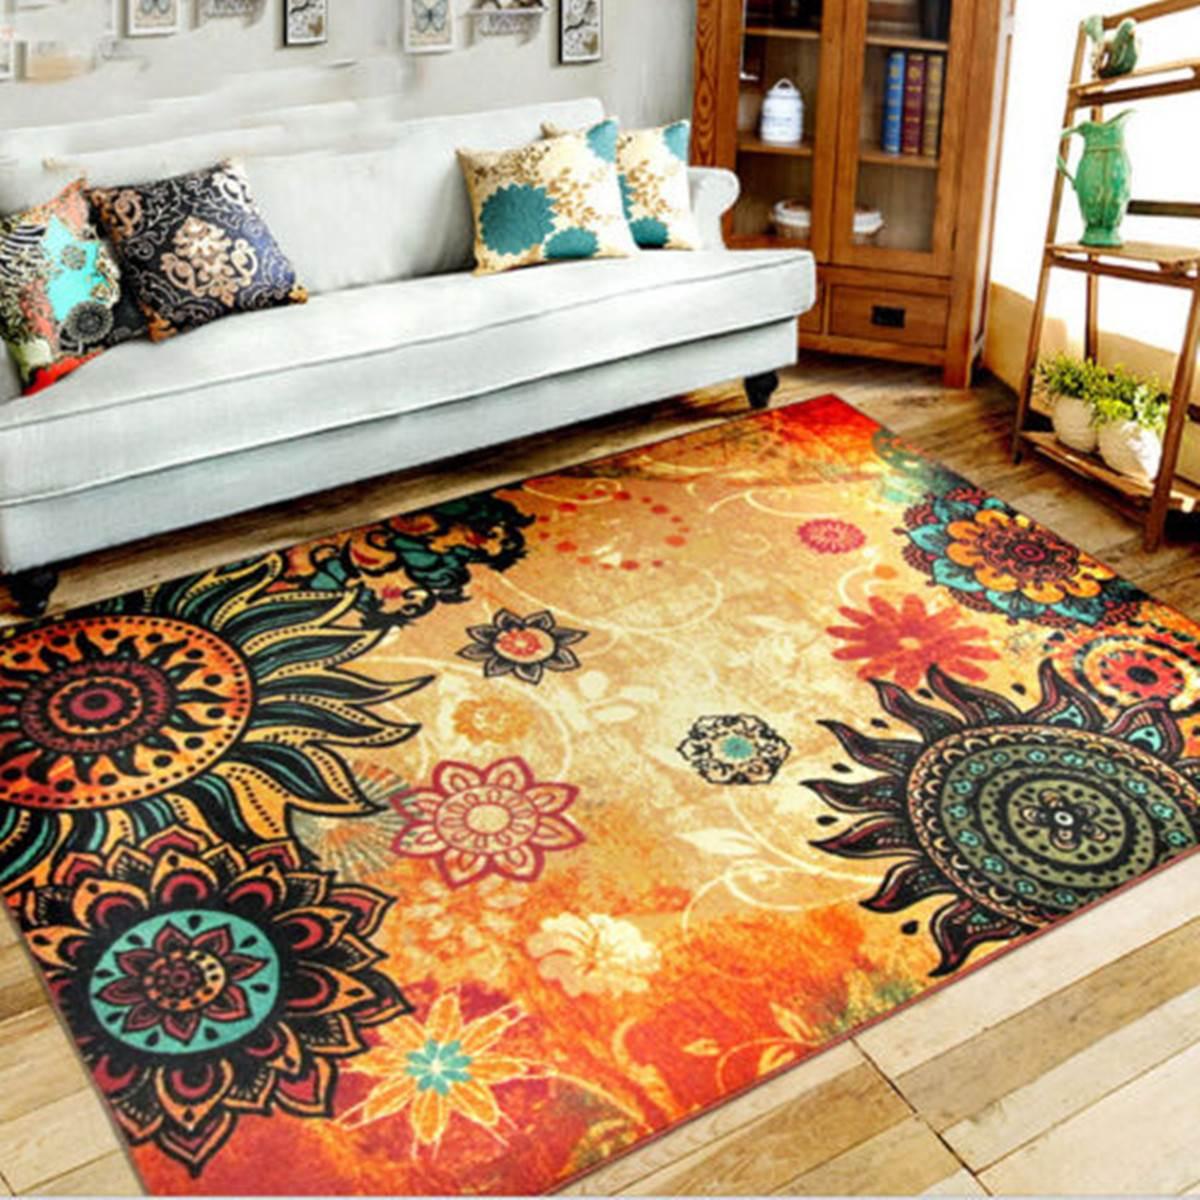 Bhmen Stil Teppich Bodenmatte Decke Retro Flauschigen Anti Skid Shaggy Bereich Hause Schlafzimmer Badezimmer Wohnzimmer